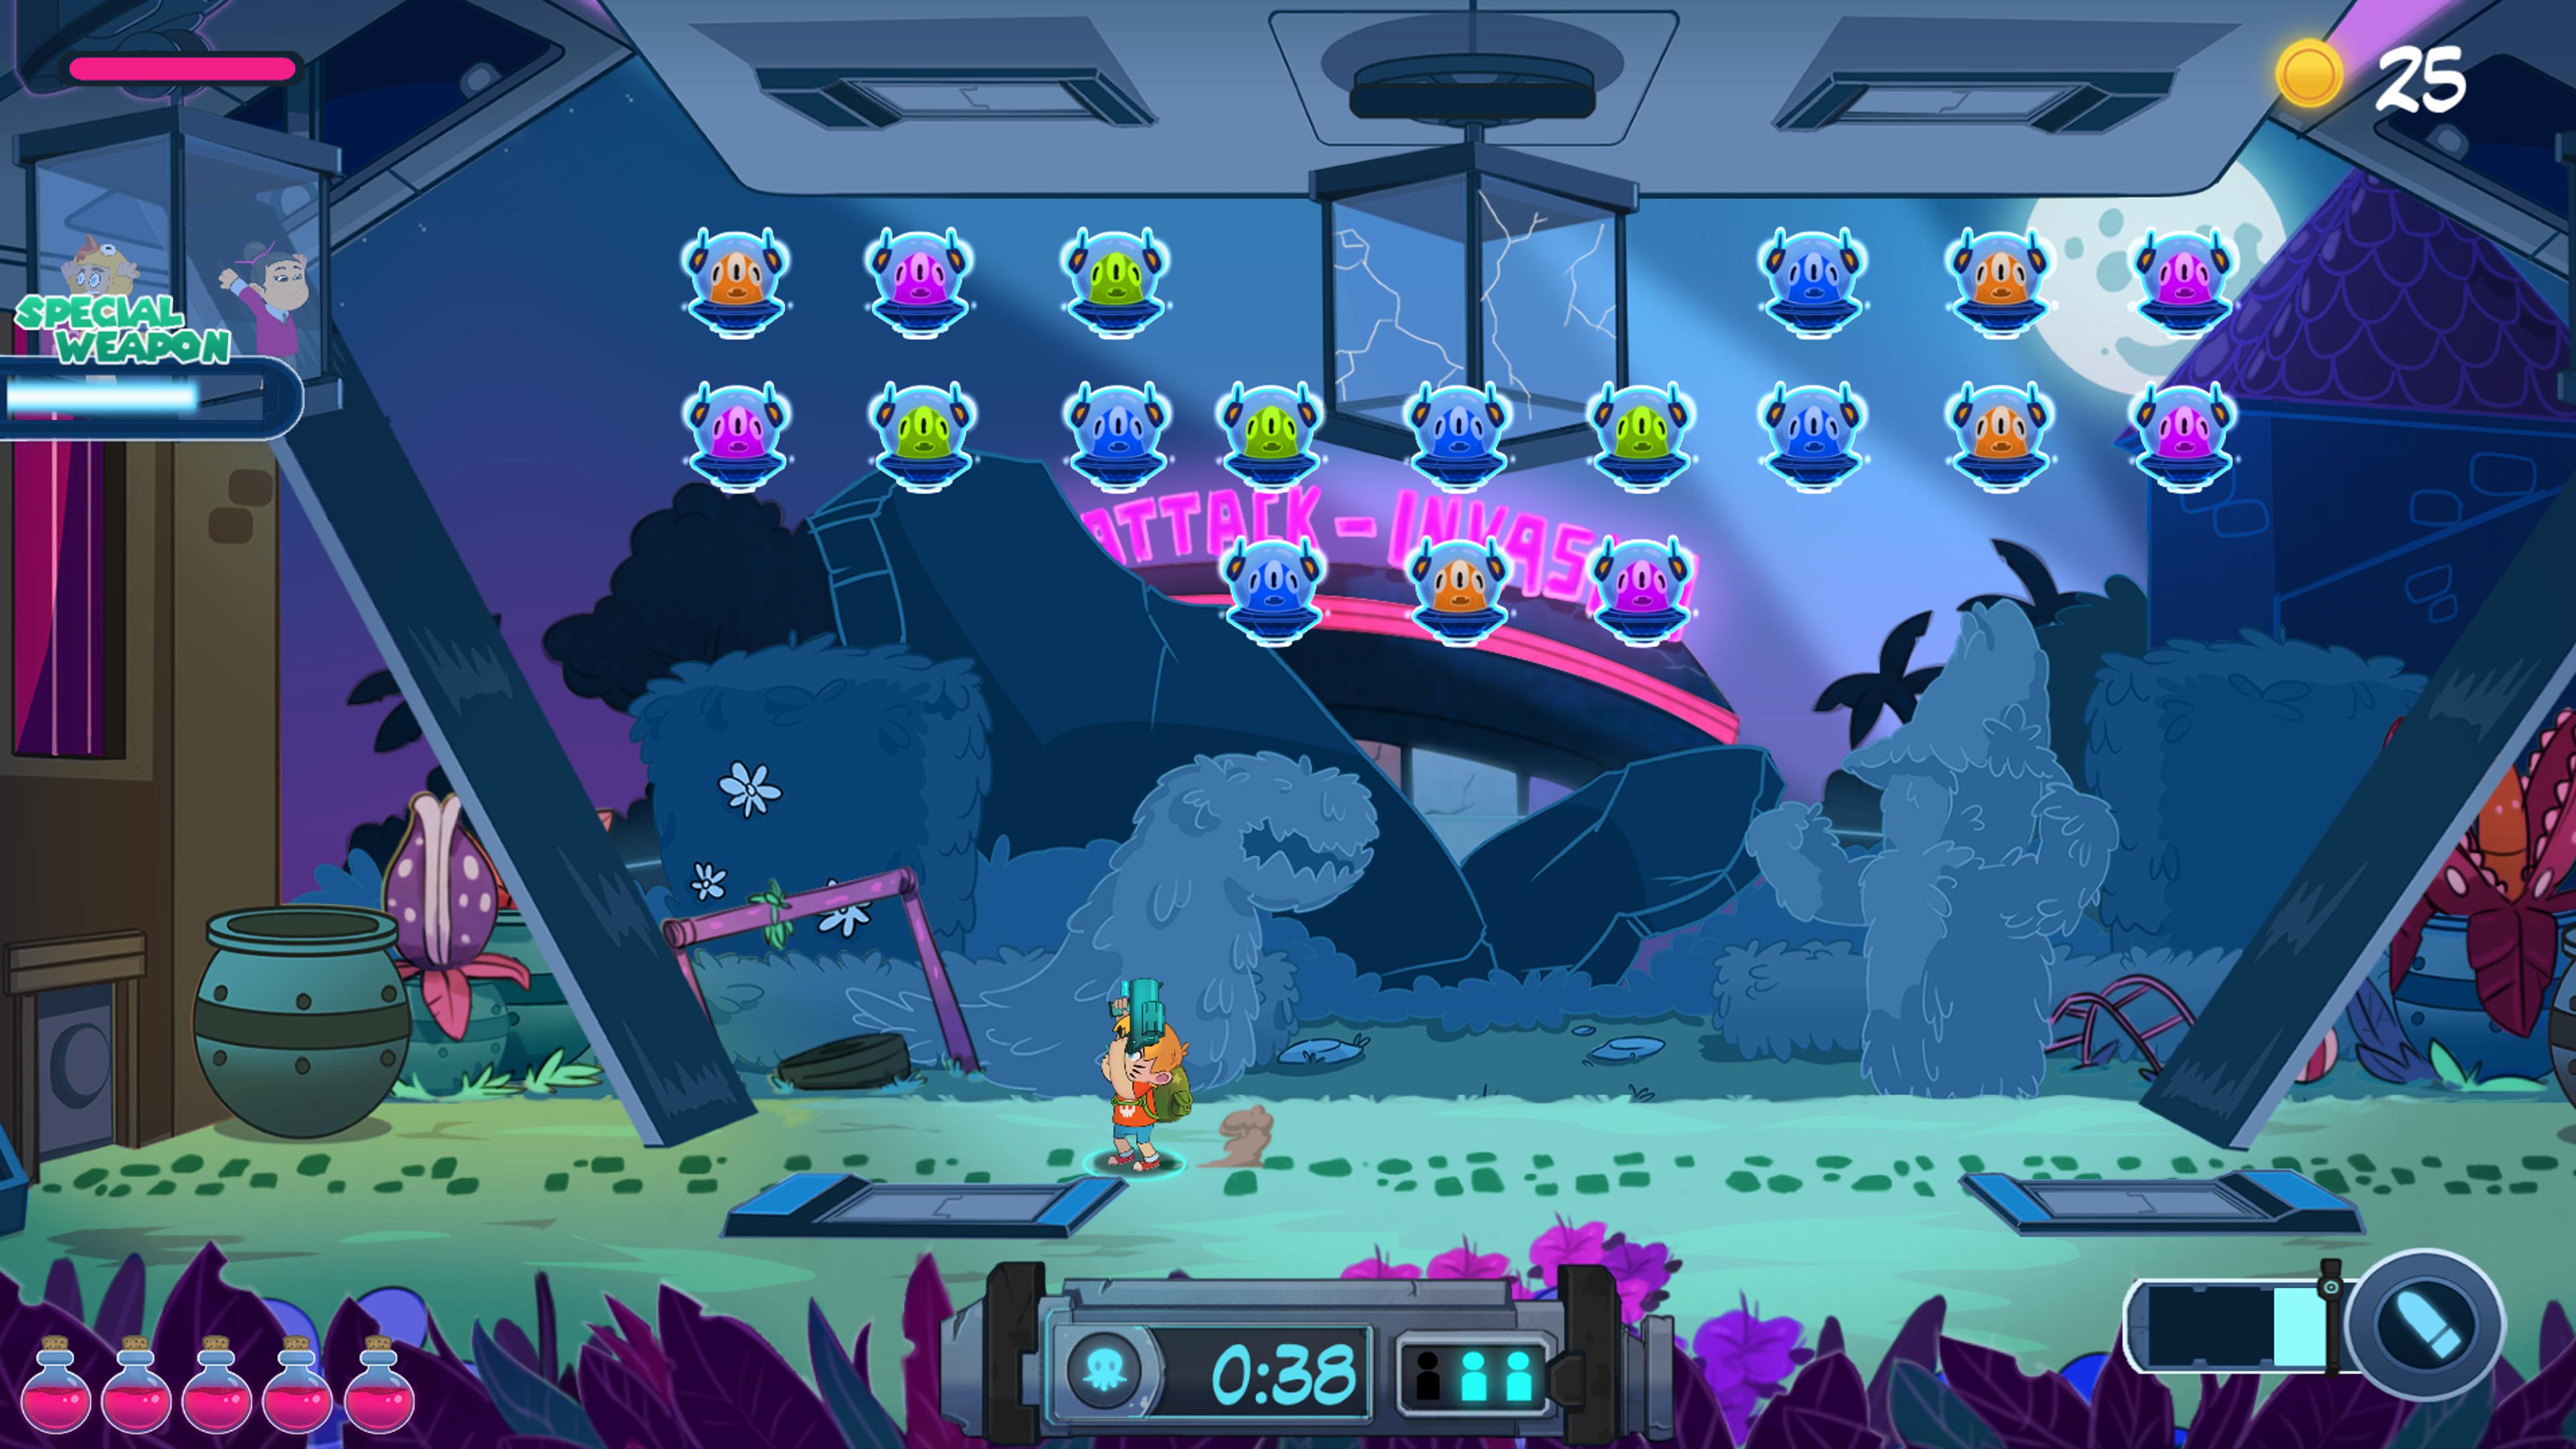 Le jeu est un hommage aux jeux d'arcade des années 80, comme cette séquence tirée de Space Invaders